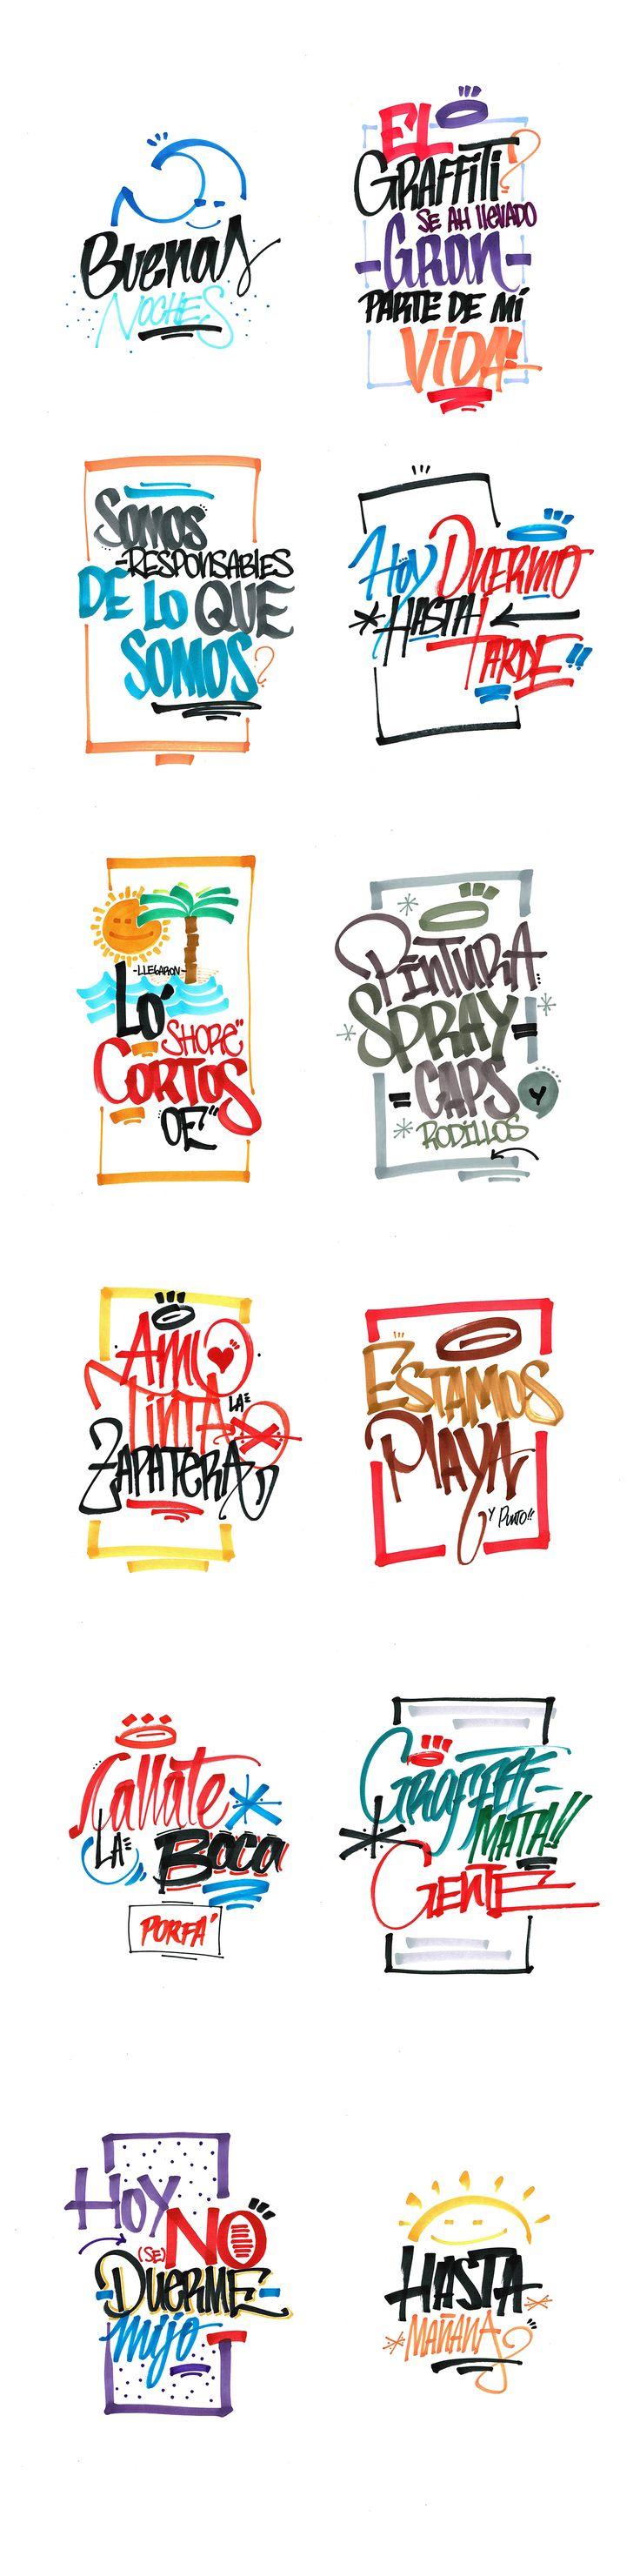 LETTERING & GRAFFITI by Shumik / Alexander Mallea // Inspiration for the EMRLD14 Team // www.emrld14.com